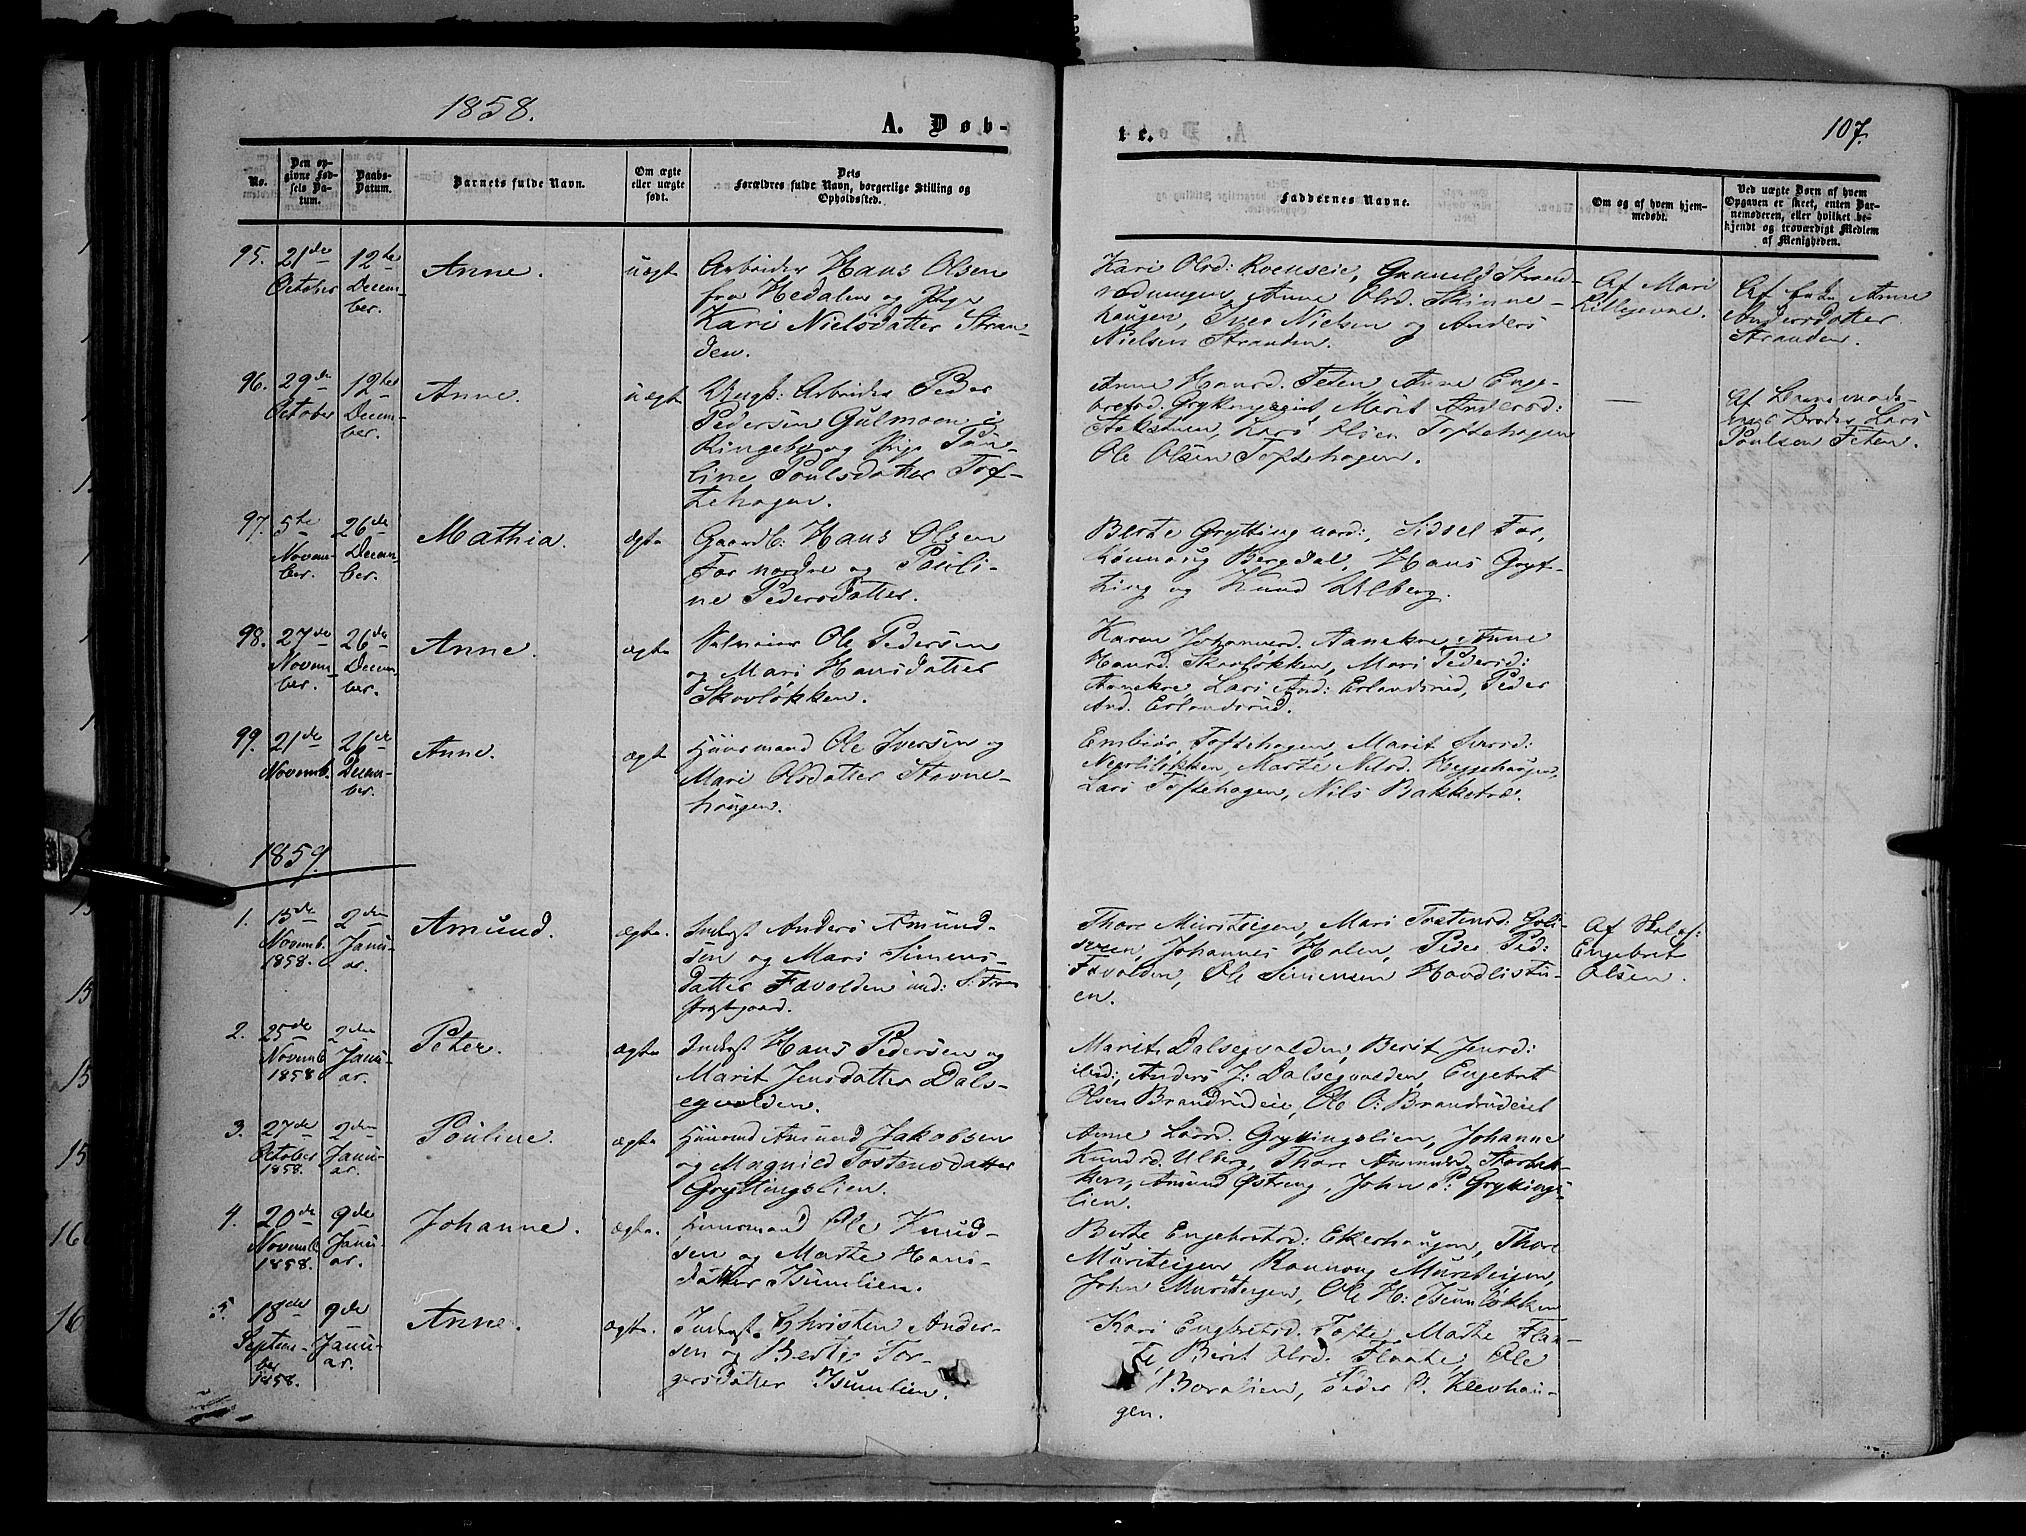 SAH, Sør-Fron prestekontor, H/Ha/Haa/L0001: Ministerialbok nr. 1, 1849-1863, s. 107